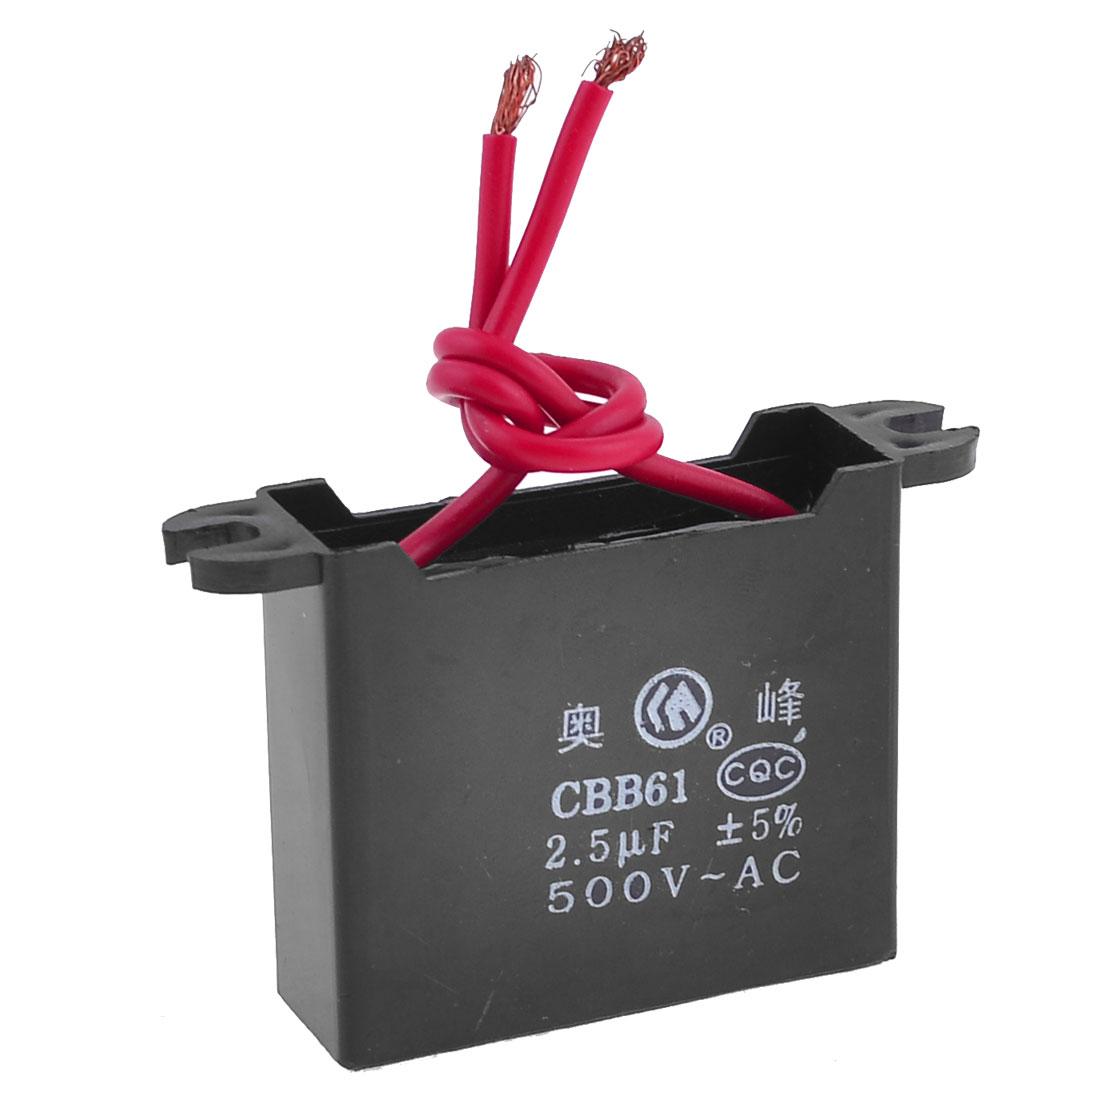 Polypropylene Film AC Motor Run Capacitor 2.5uF 500V CBB61